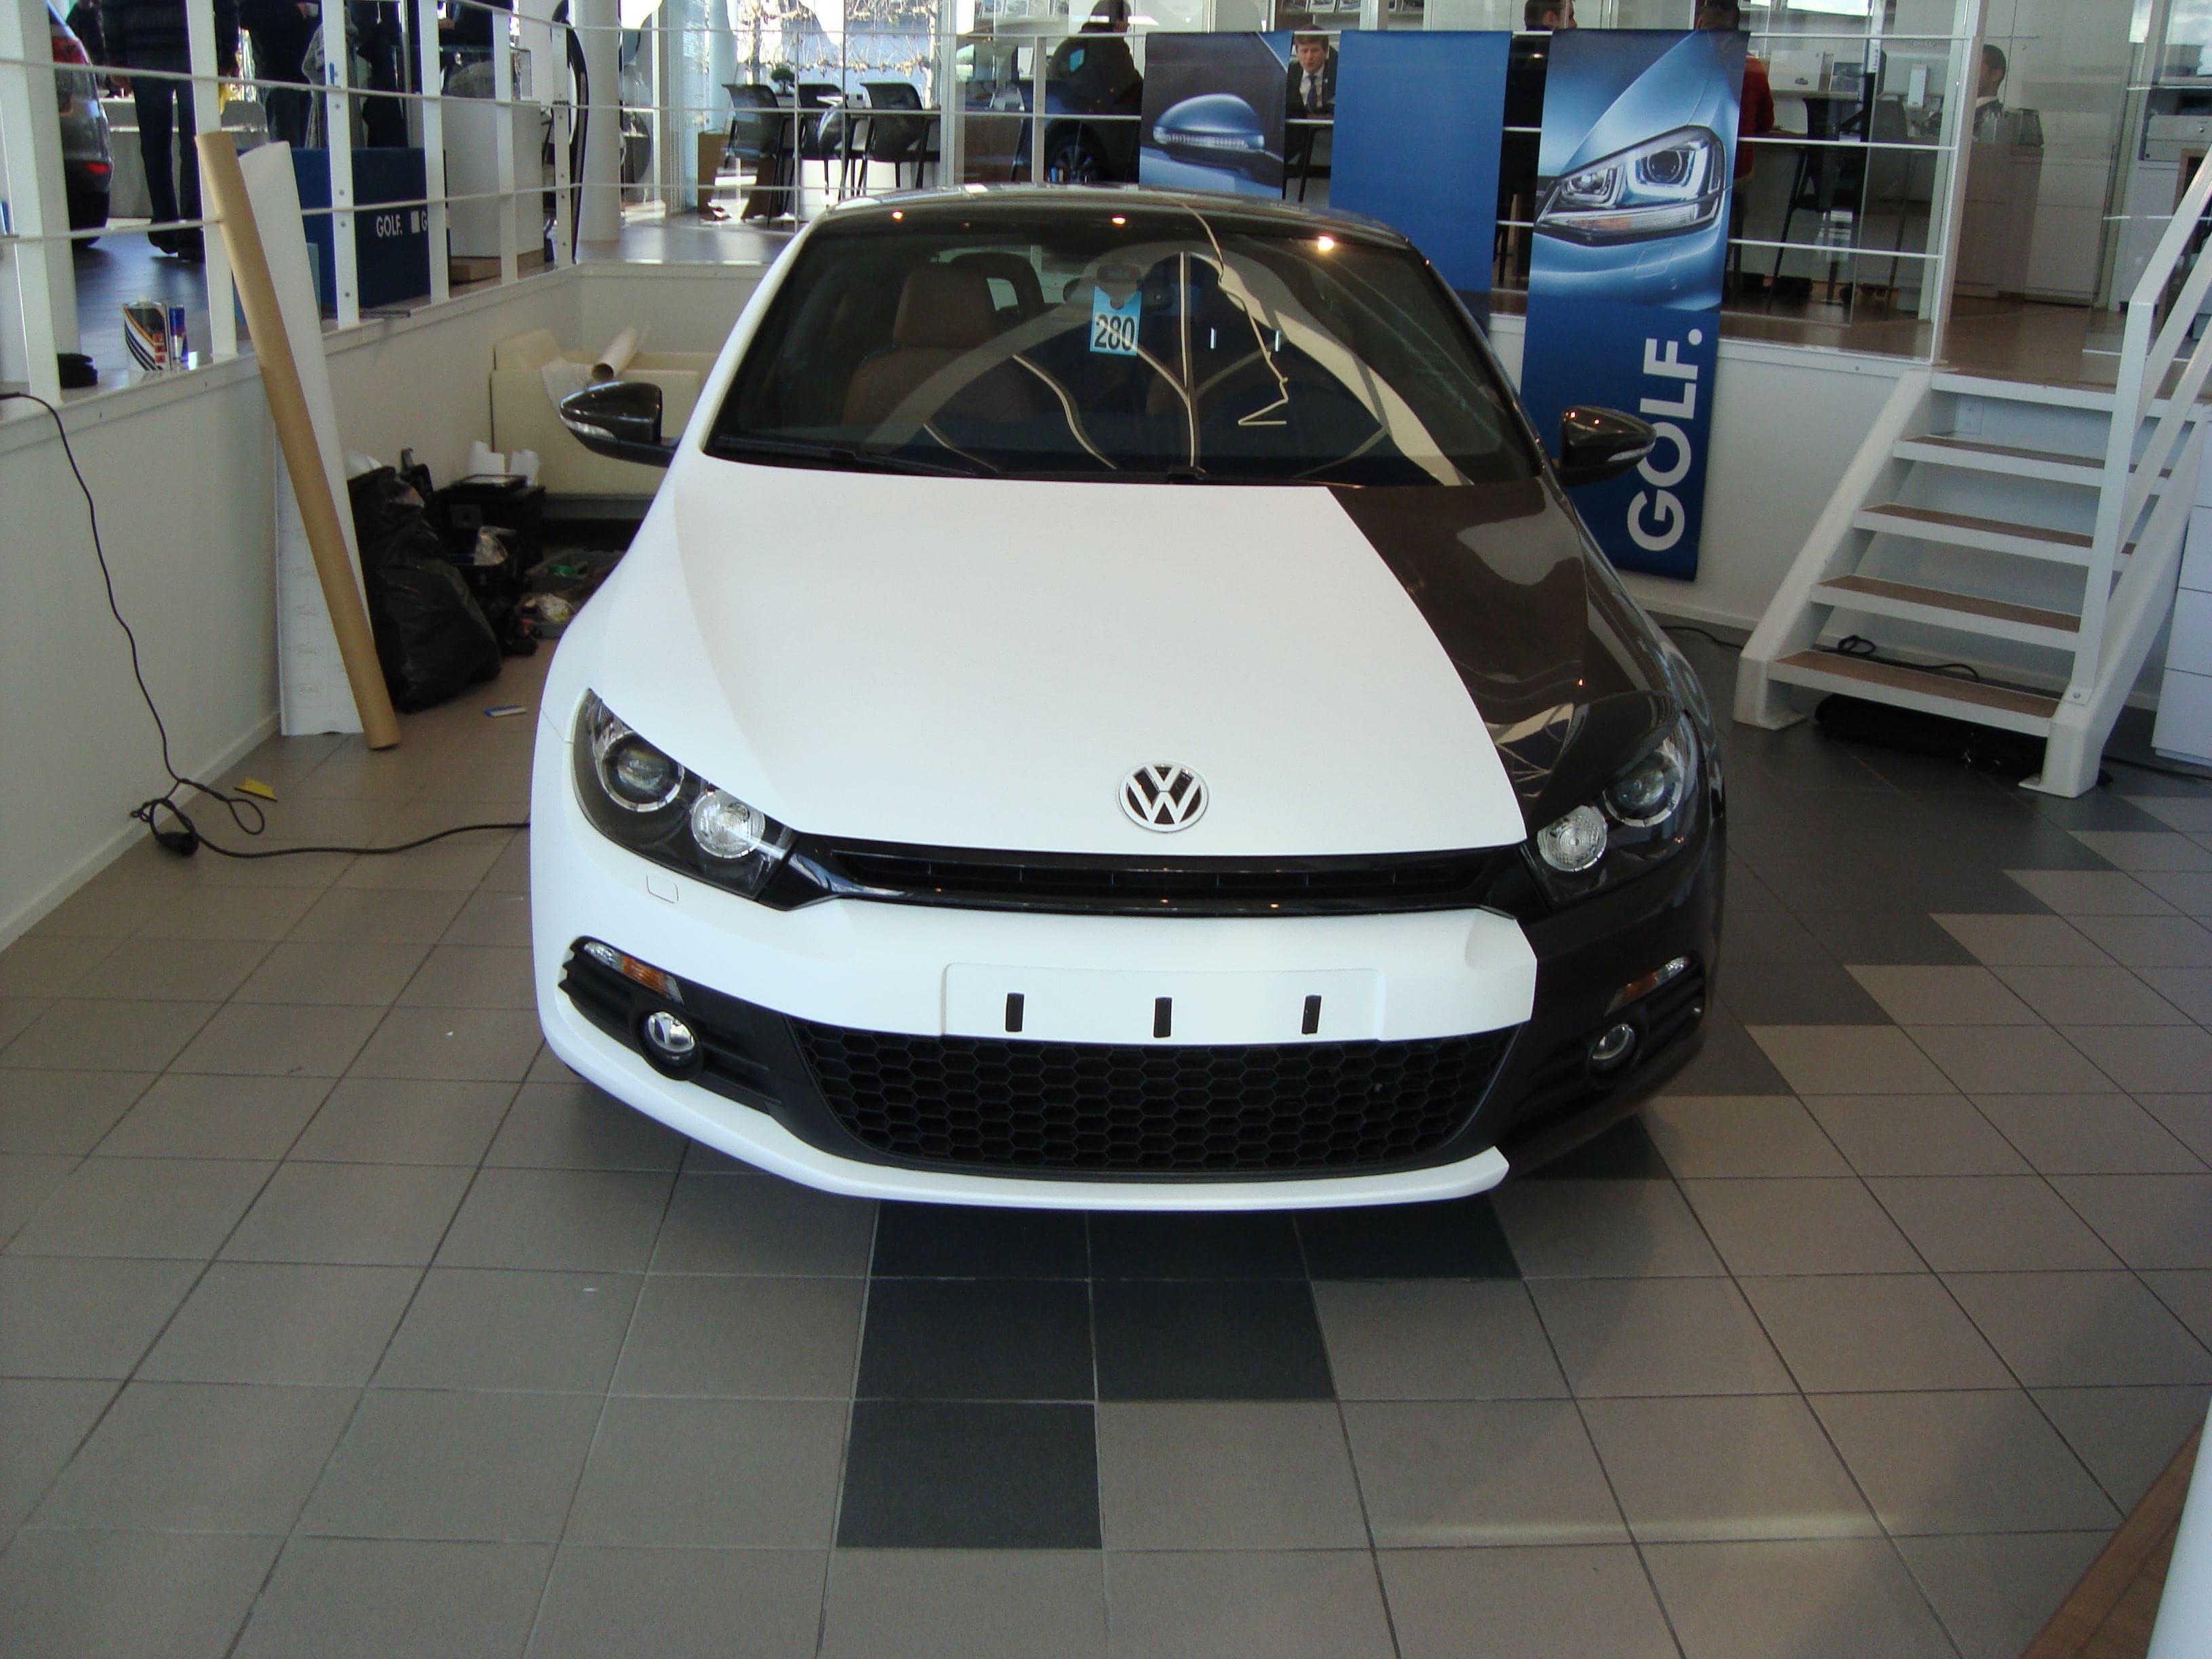 Volkswagen Scirocco met Halve Wrap in Zwart Wit, Carwrapping door Wrapmyride.nu Foto-nr:7042, ©2020